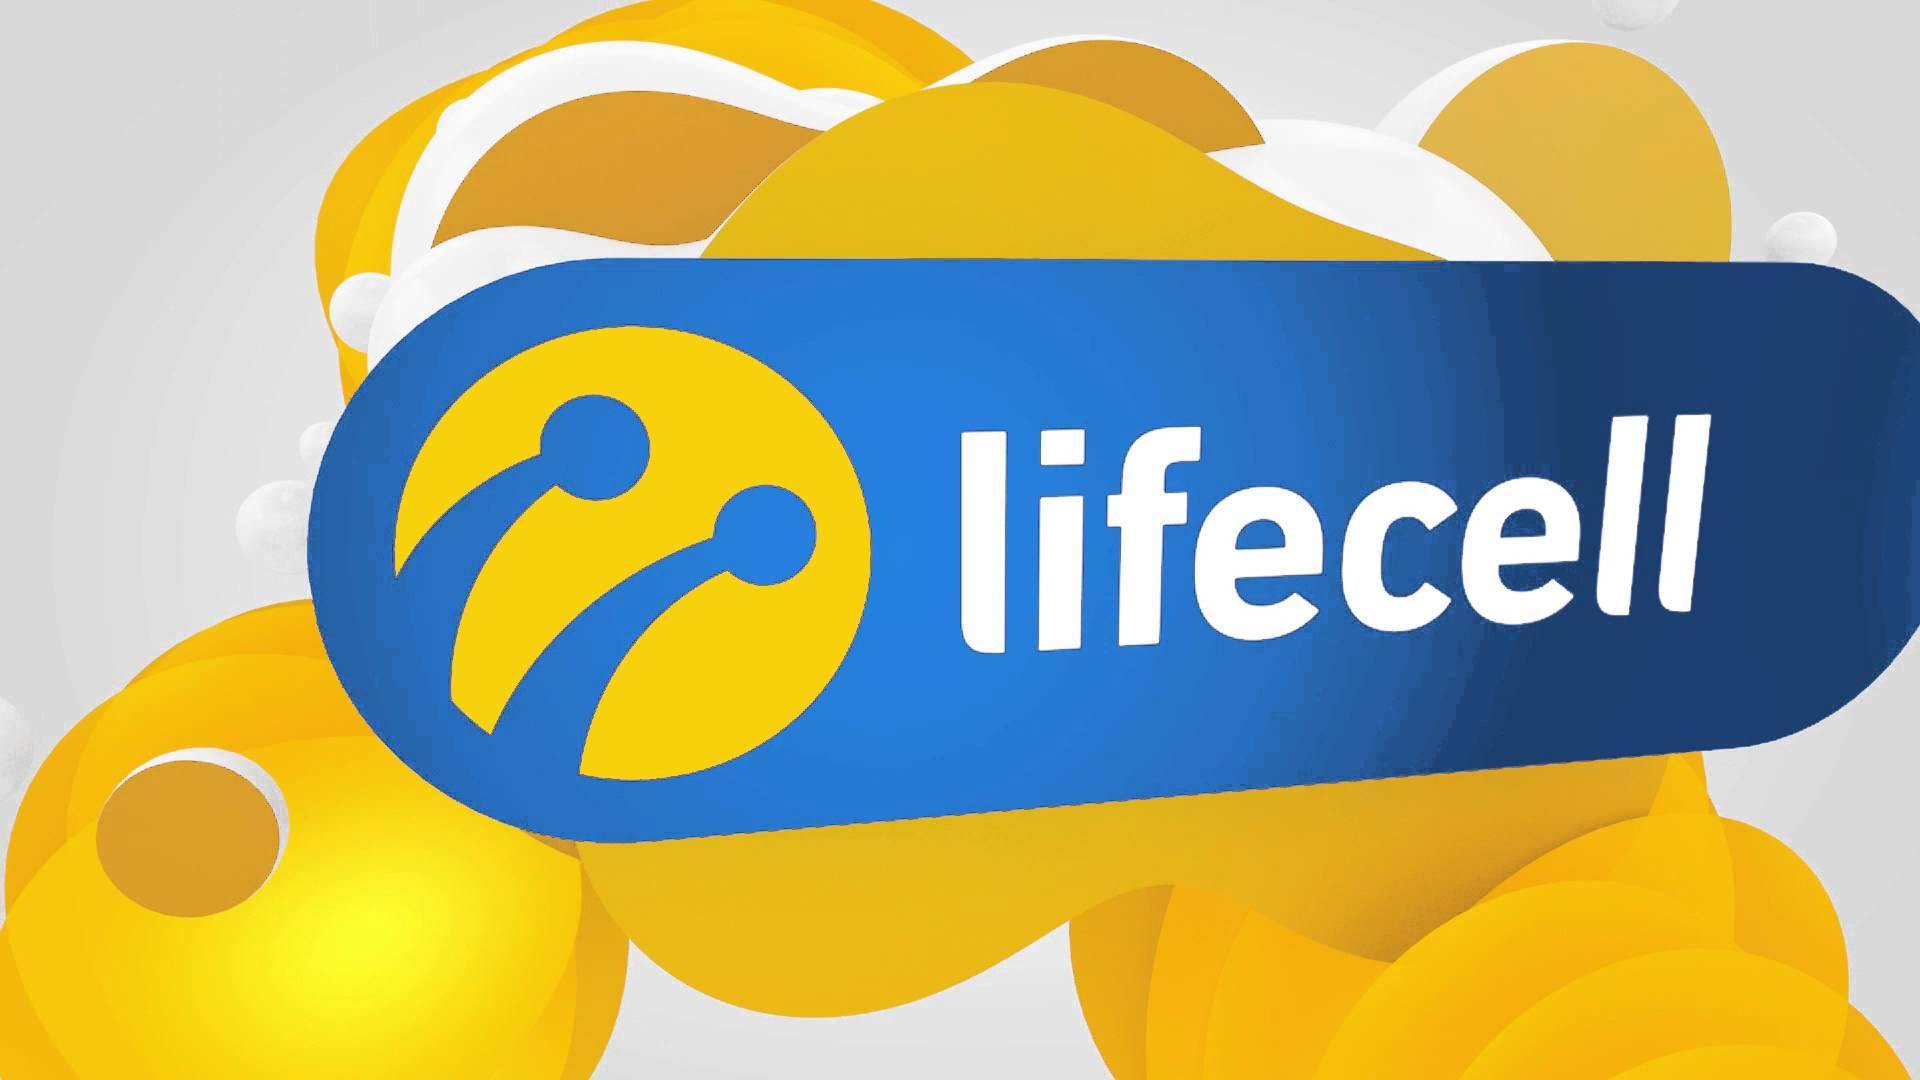 Оператор Lifecell запустил новый интернет-сервис